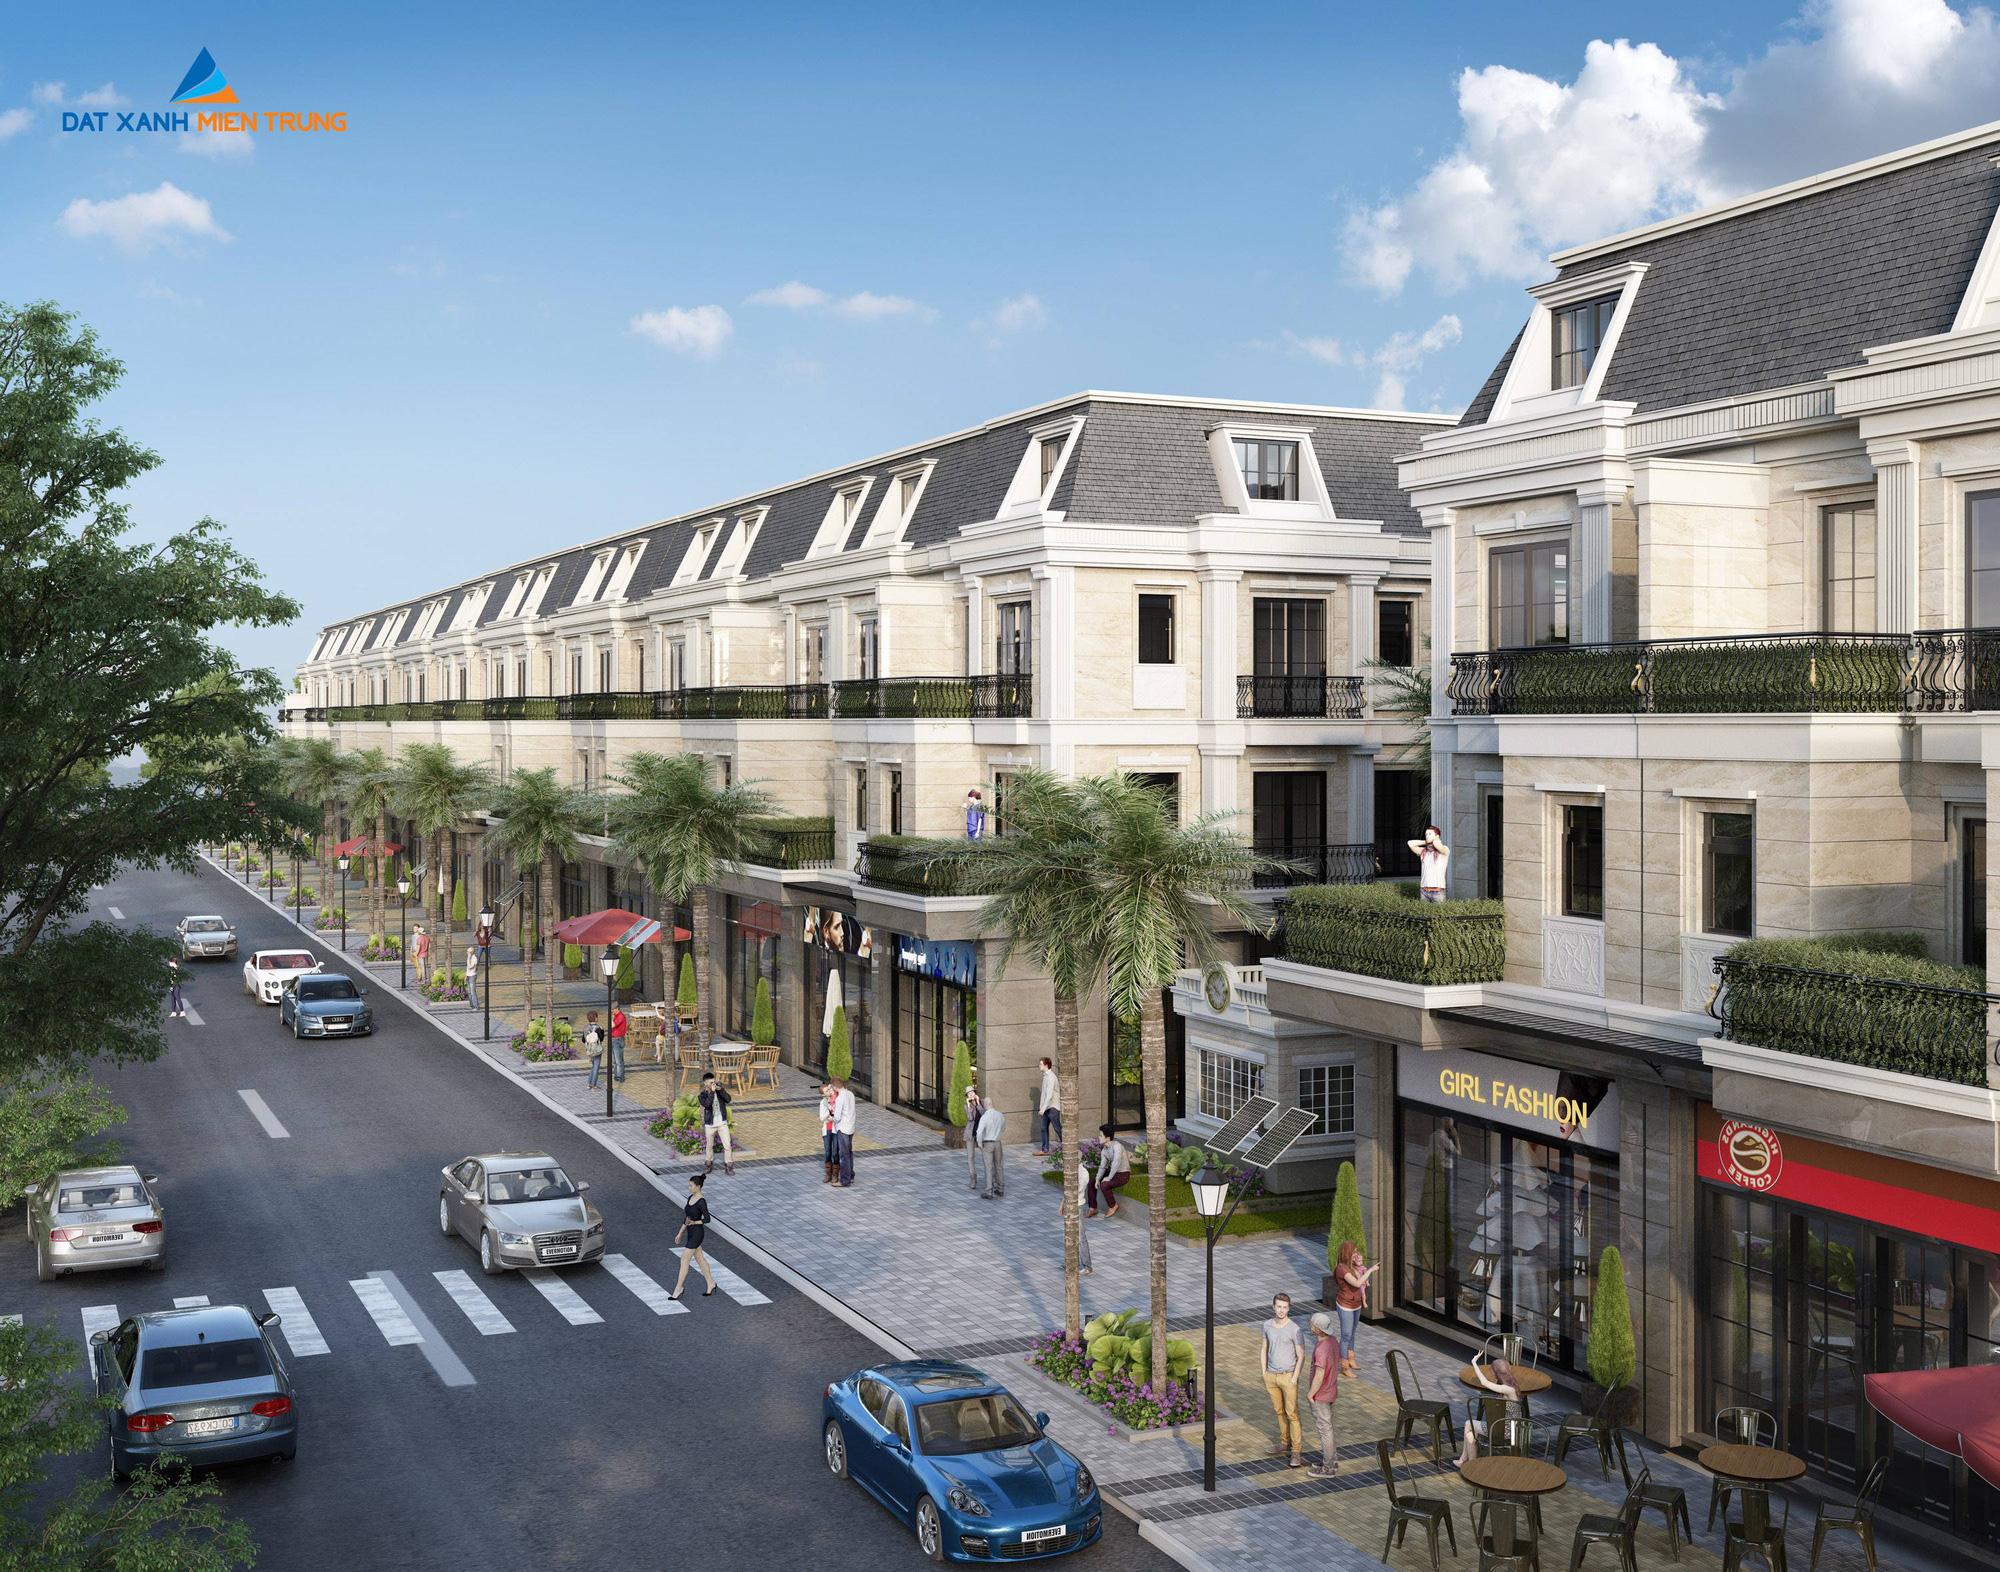 Từ hôm nay, Regal Pavillon Da Nang của Đất Xanh Miền Trung đủ điều kiện bán, cho thuê, thuê mua - Ảnh 3.